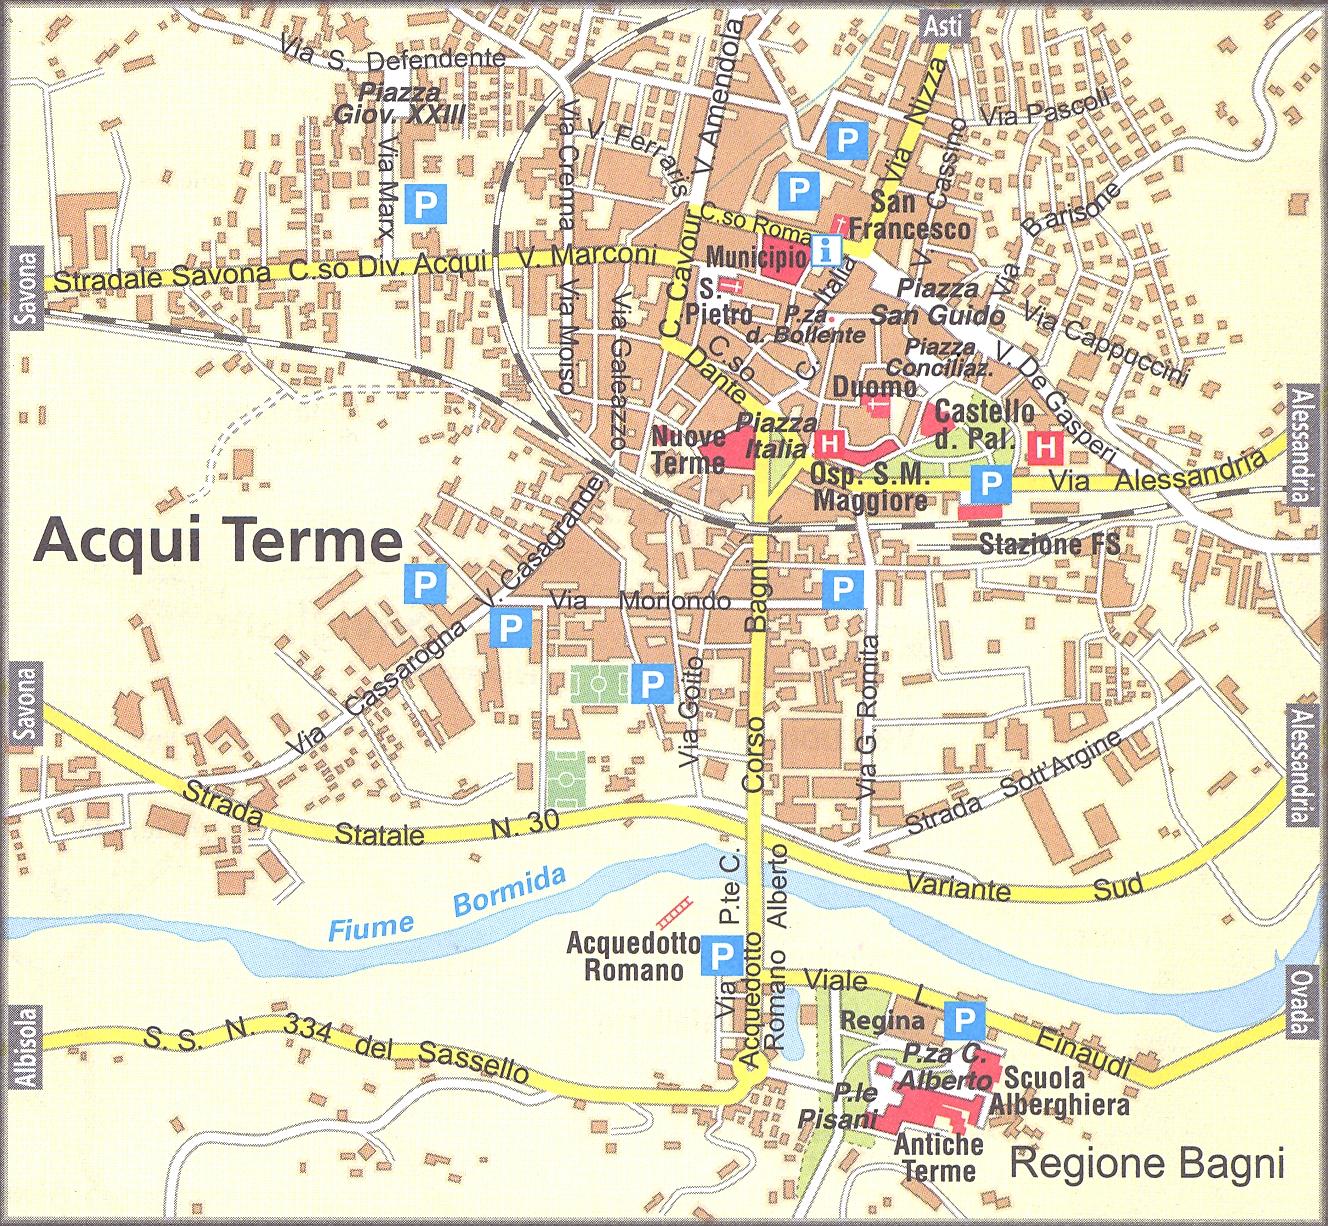 Amendola Italy Map.Acqui Termi Map Acqui Terme Italy Mappery